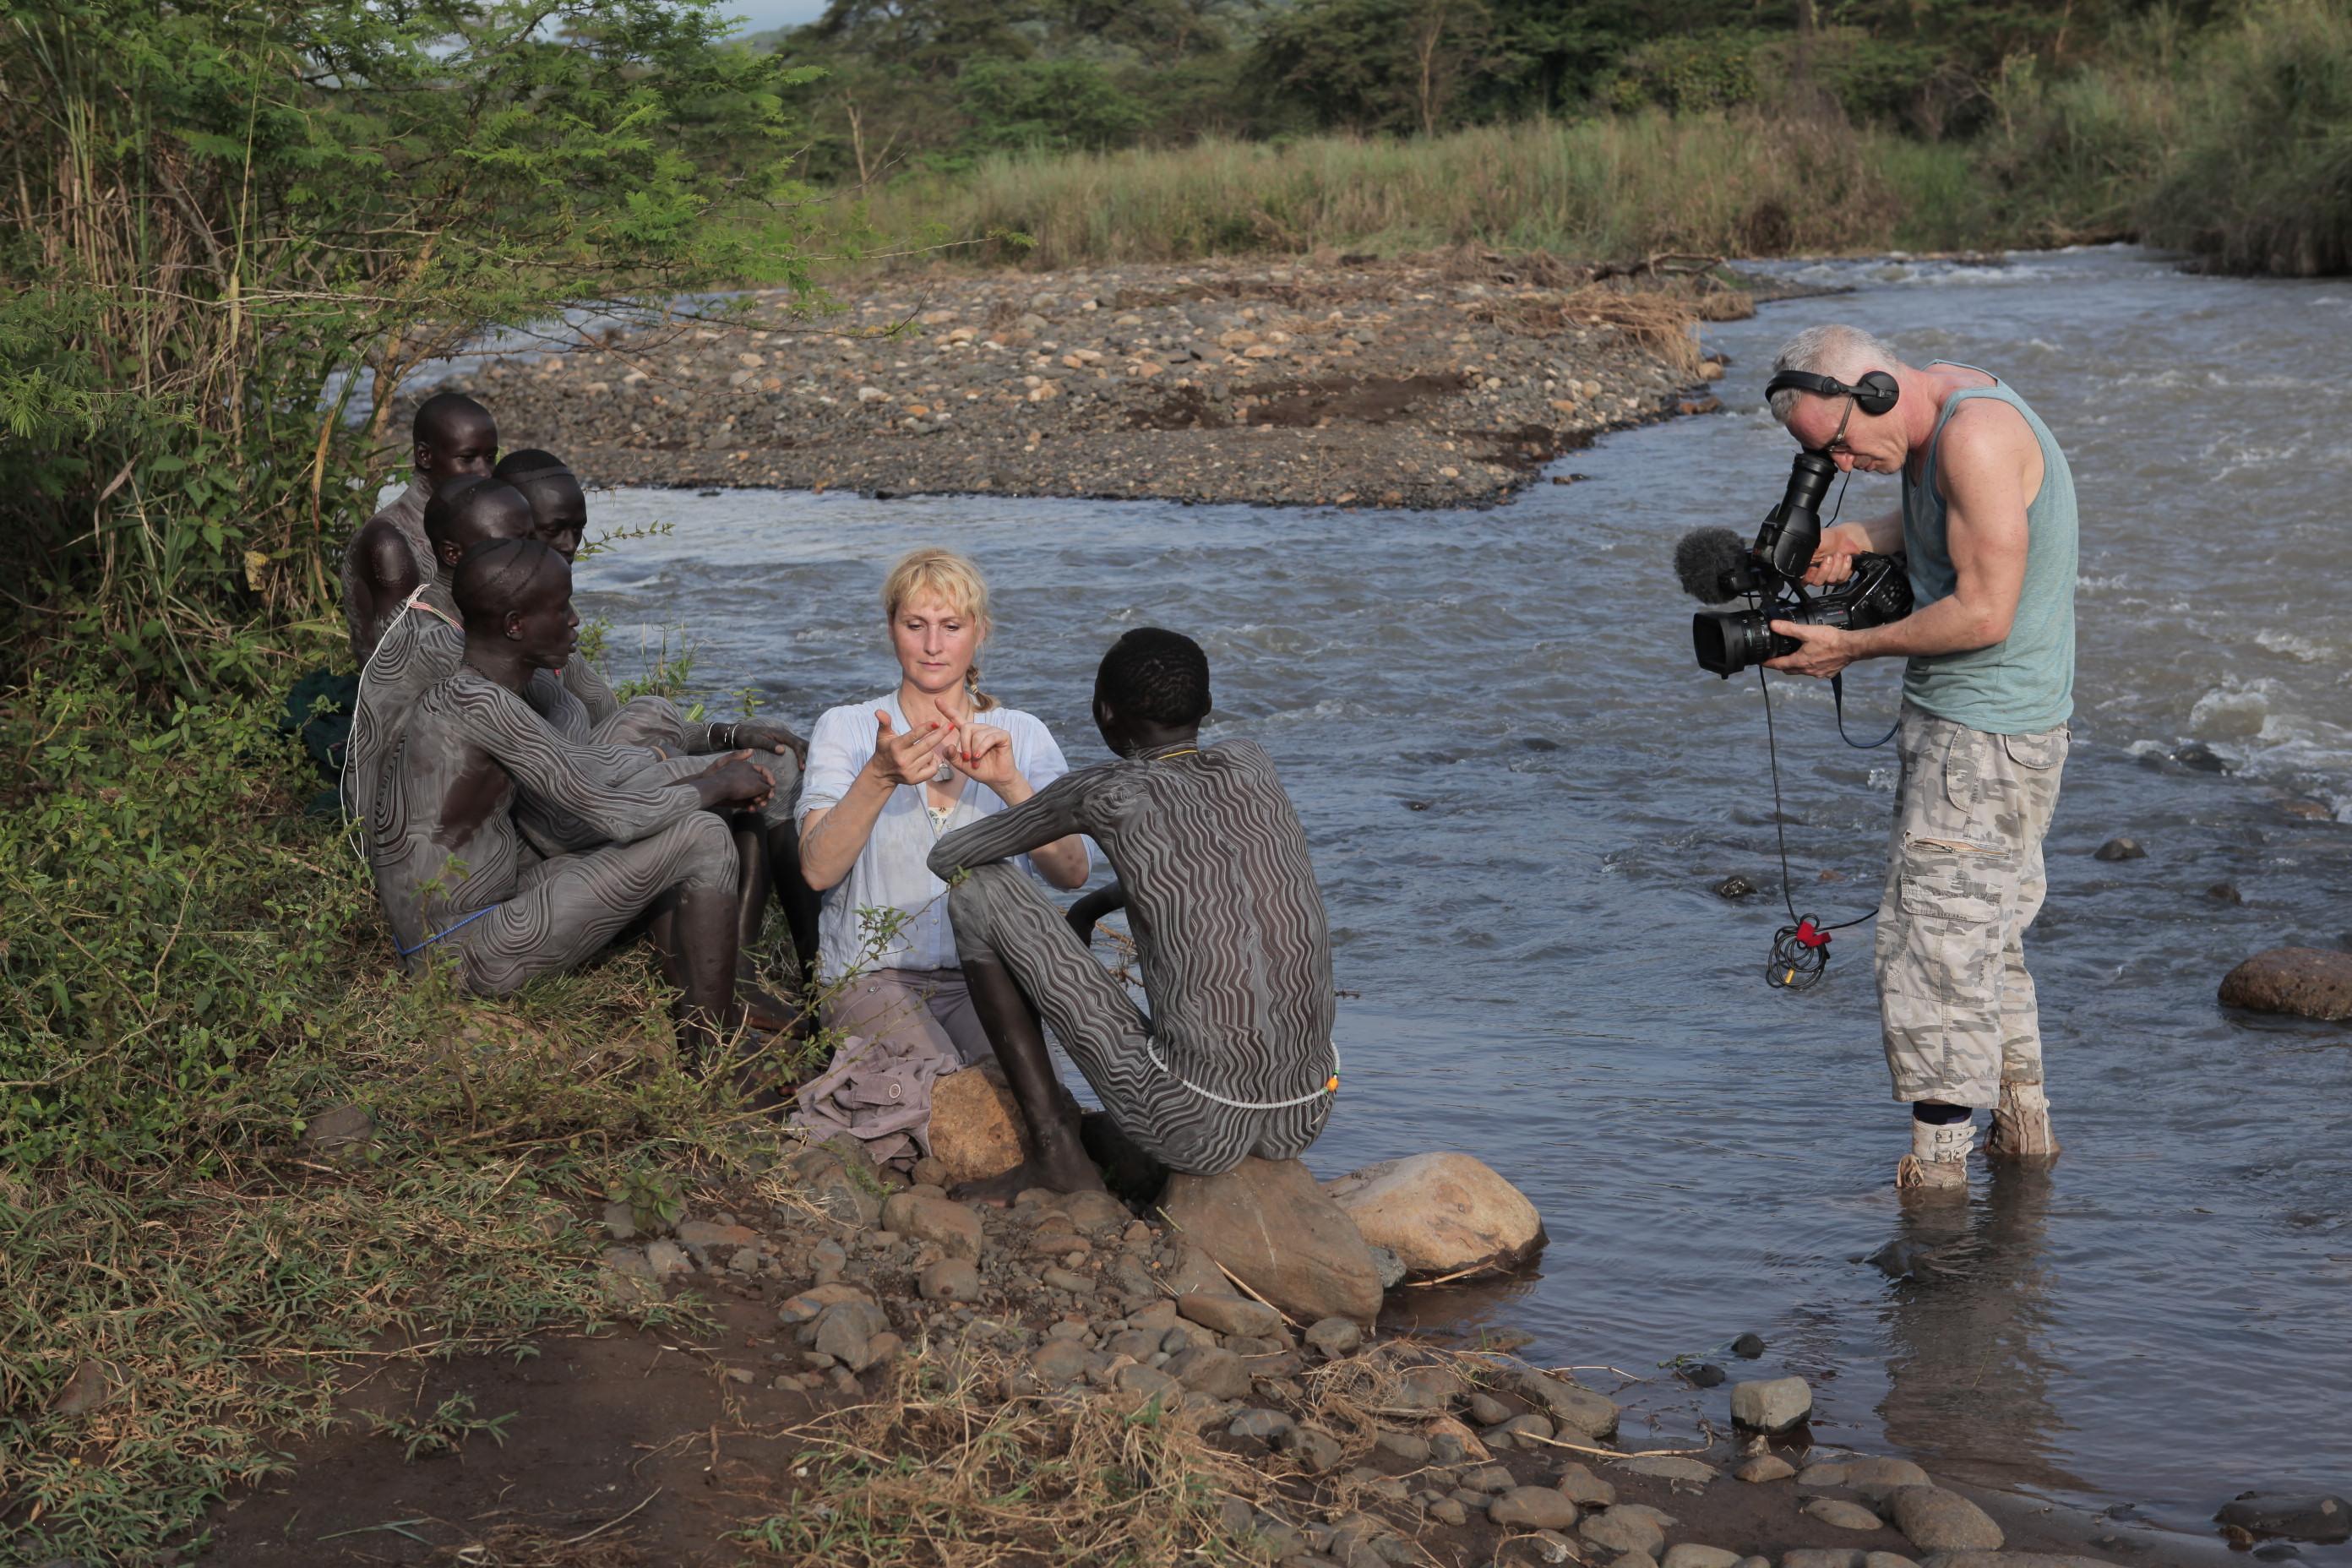 LES NOUVEAUX EXPLORATEURS-ETHIOPIE, CANAL + 2012